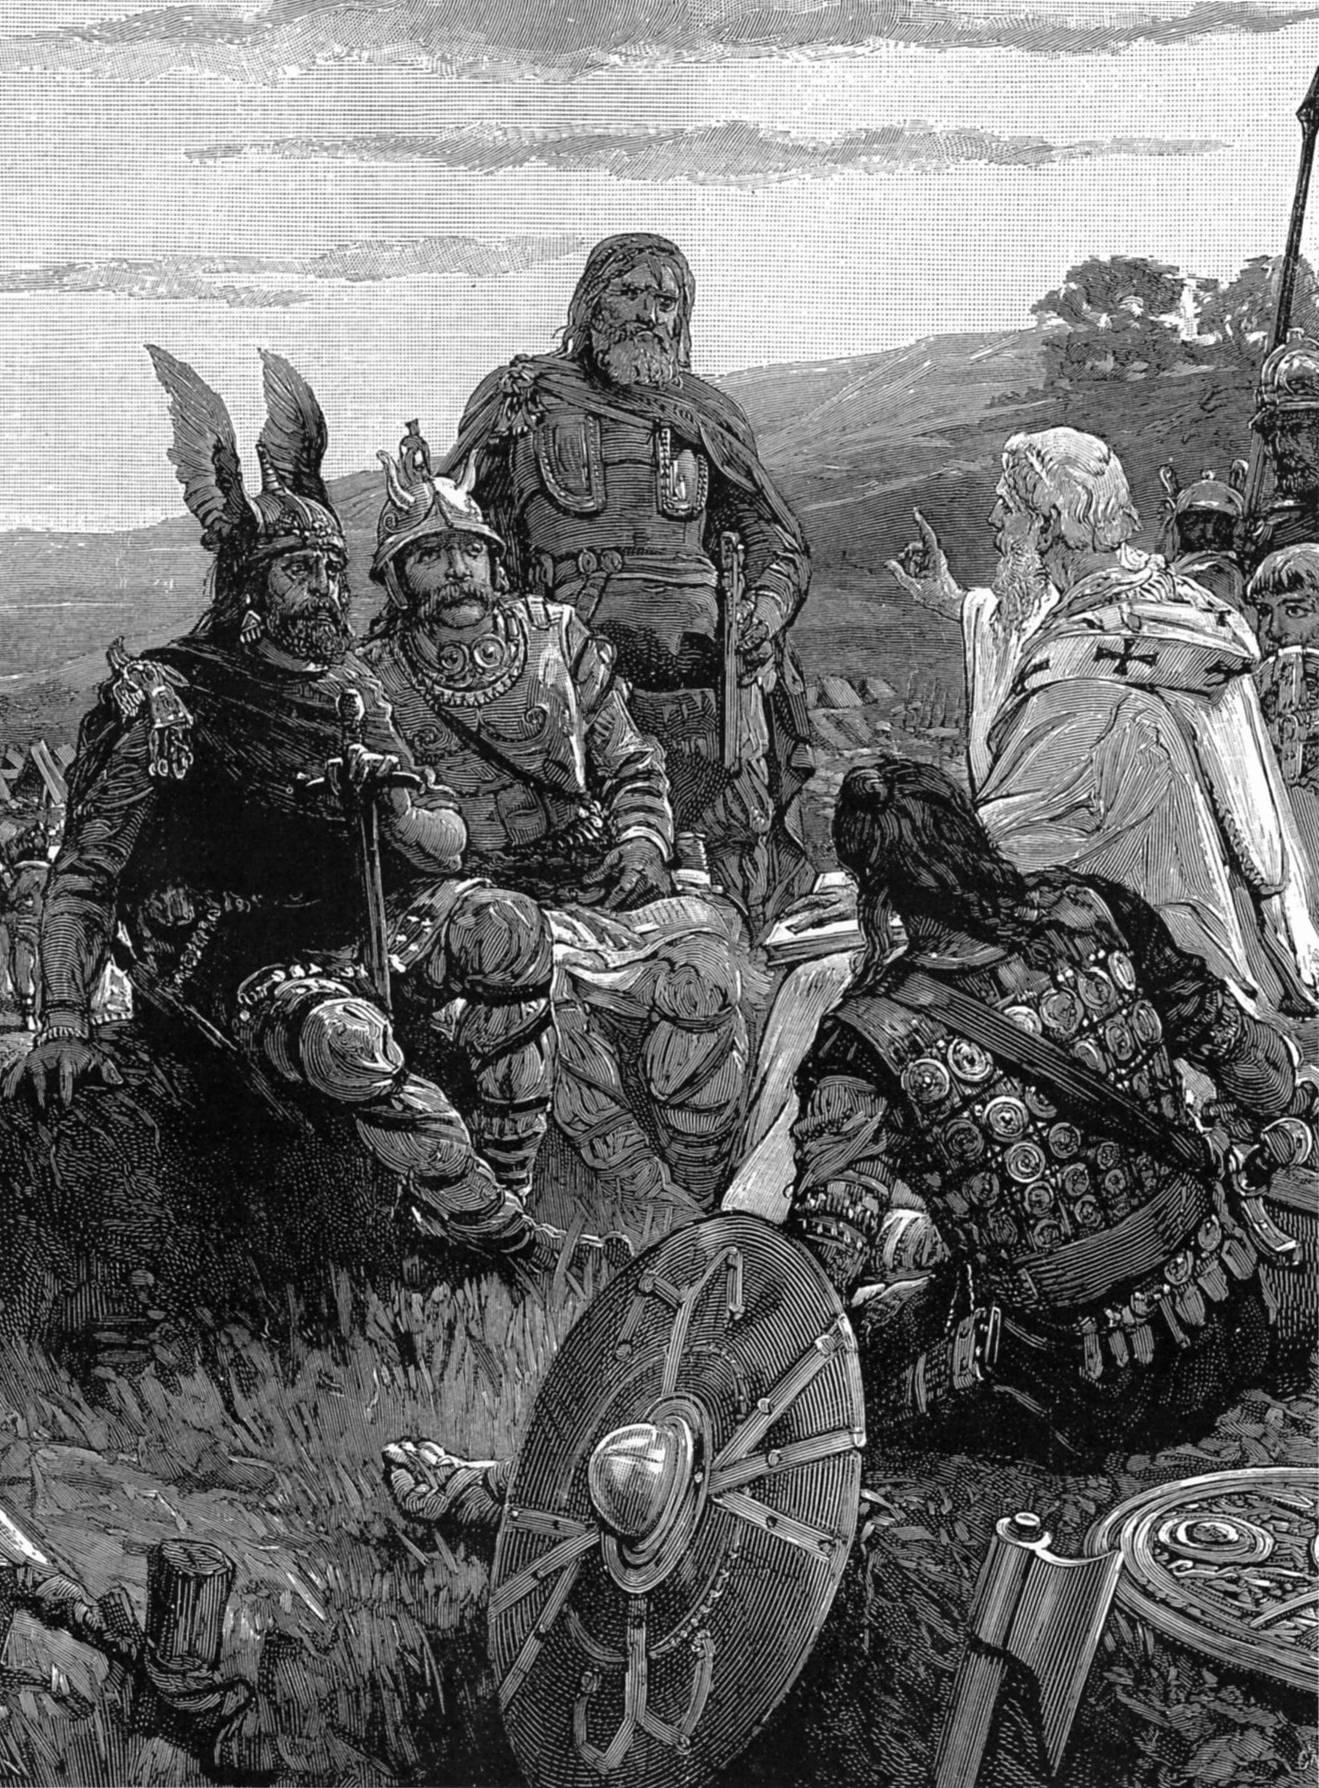 Епископ Вульфила объясняет готам Евангелие Медиапроект s-t-o-l.com